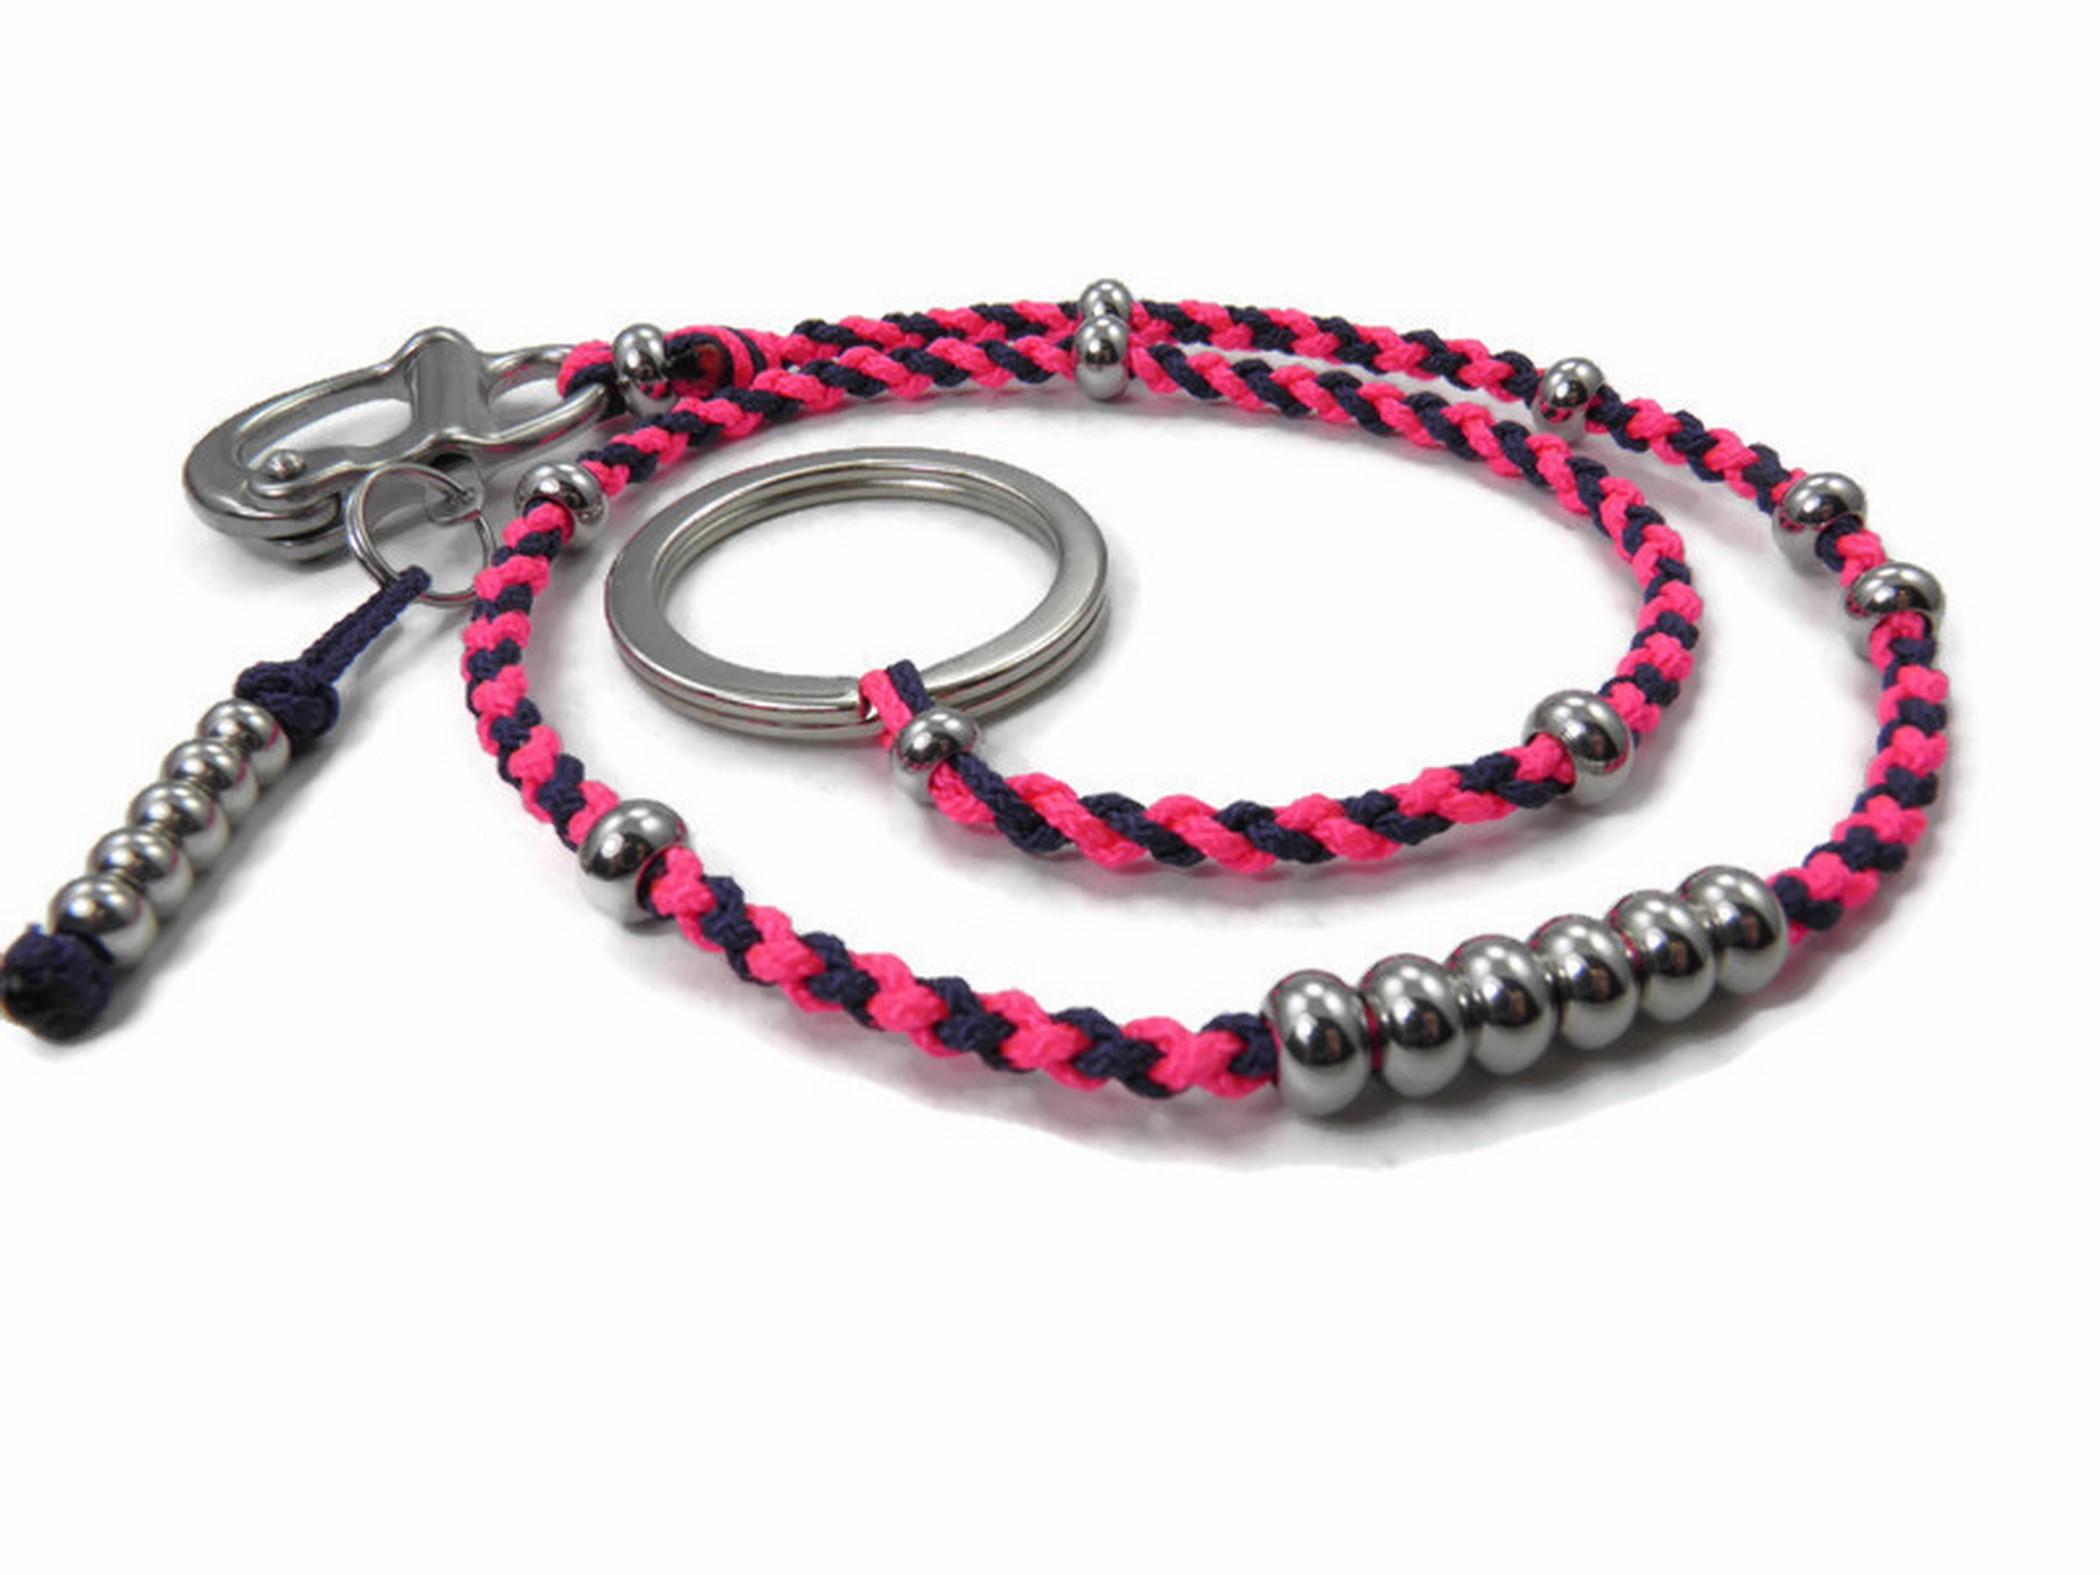 Paracord Portemonnaie Kette-Schlüsselkette-3 cm Edelstahl Karabiner-Rose Pink